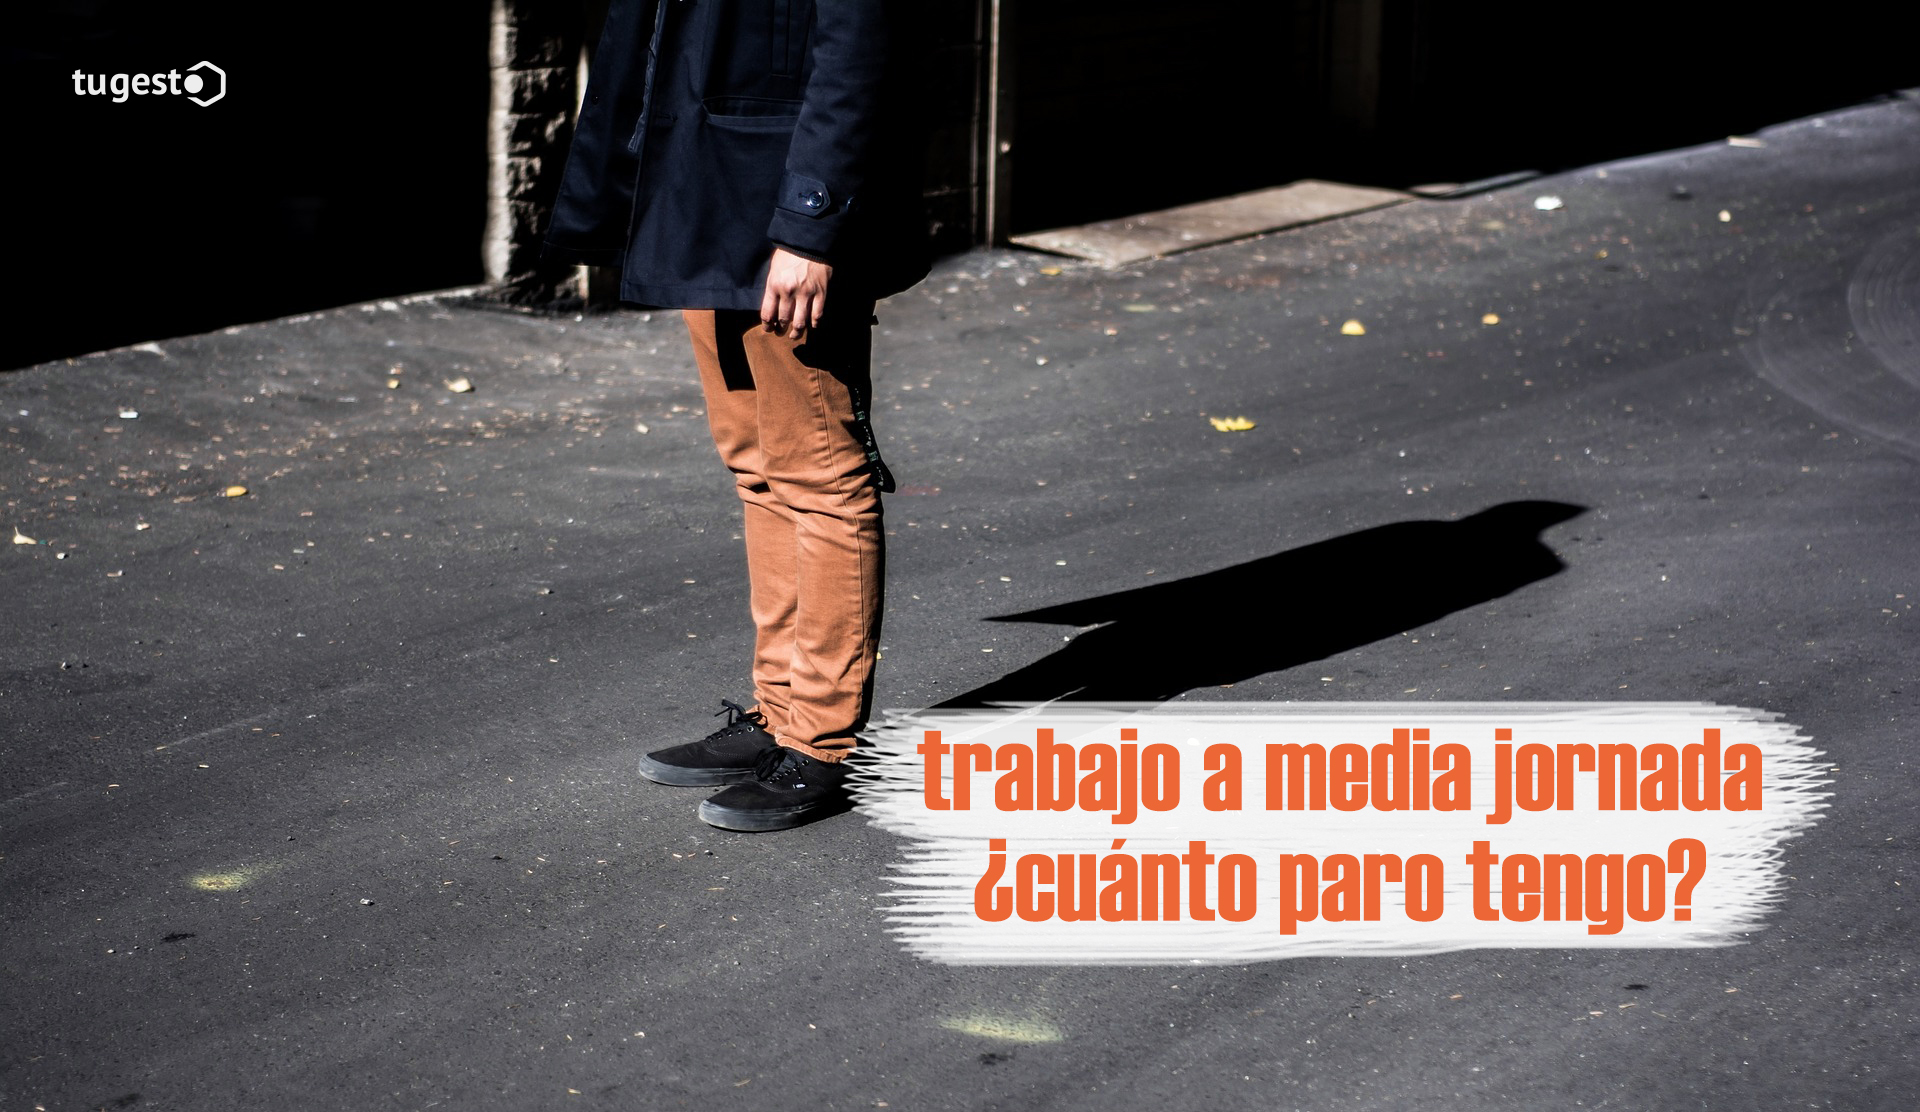 Derecho a paro si trabajo media jornada | Blog de tugesto